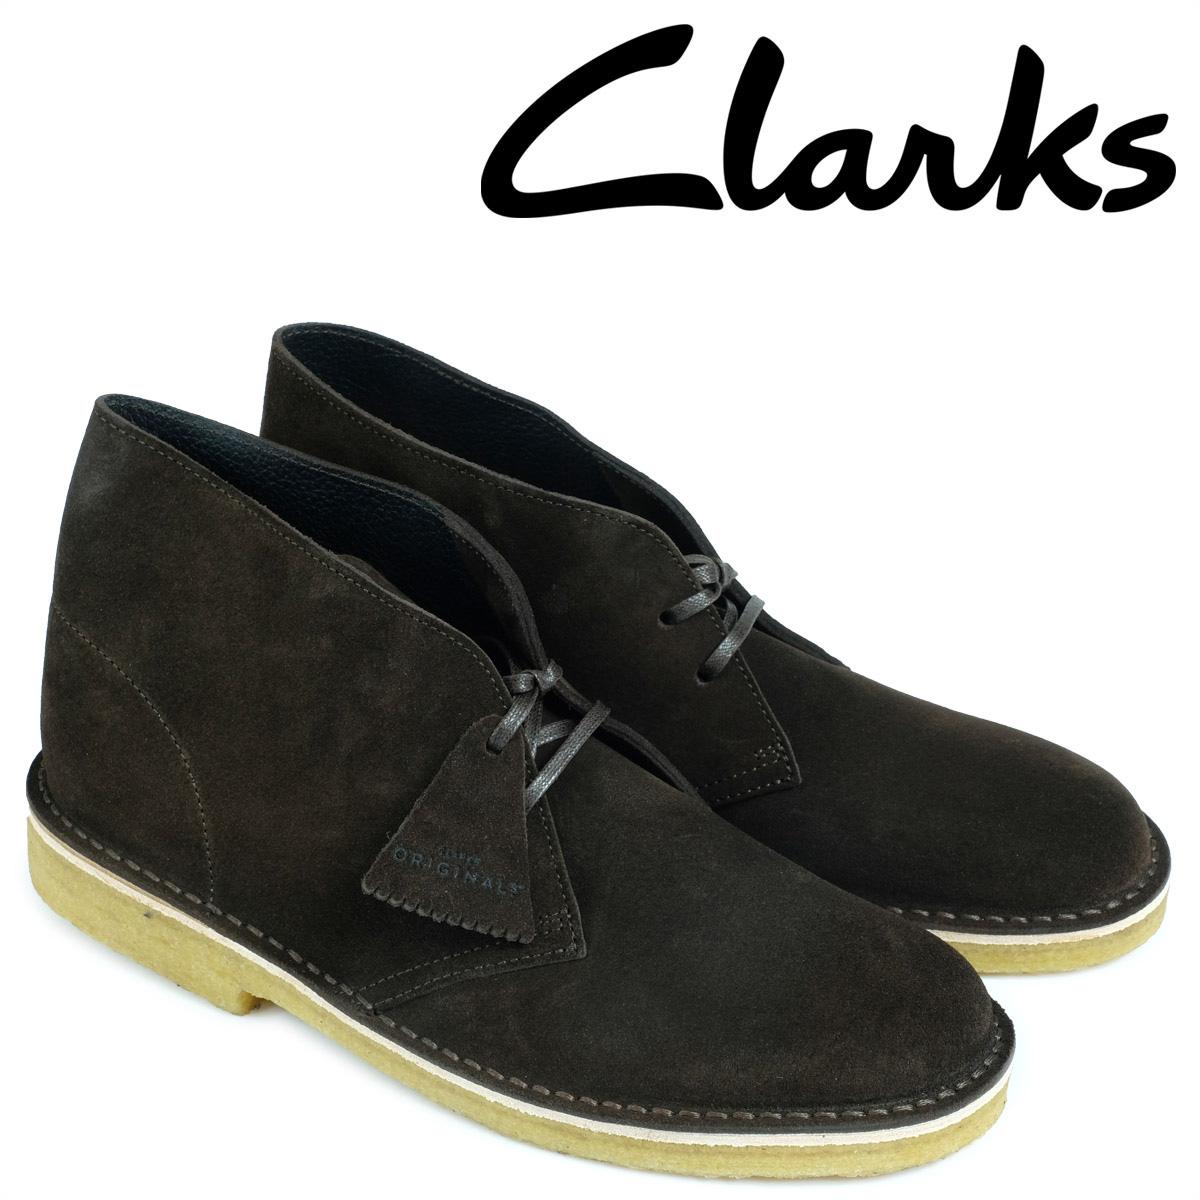 クラークス Clarks デザートブーツ メンズ DESERT BOOT 26128538 レザー ブラウン